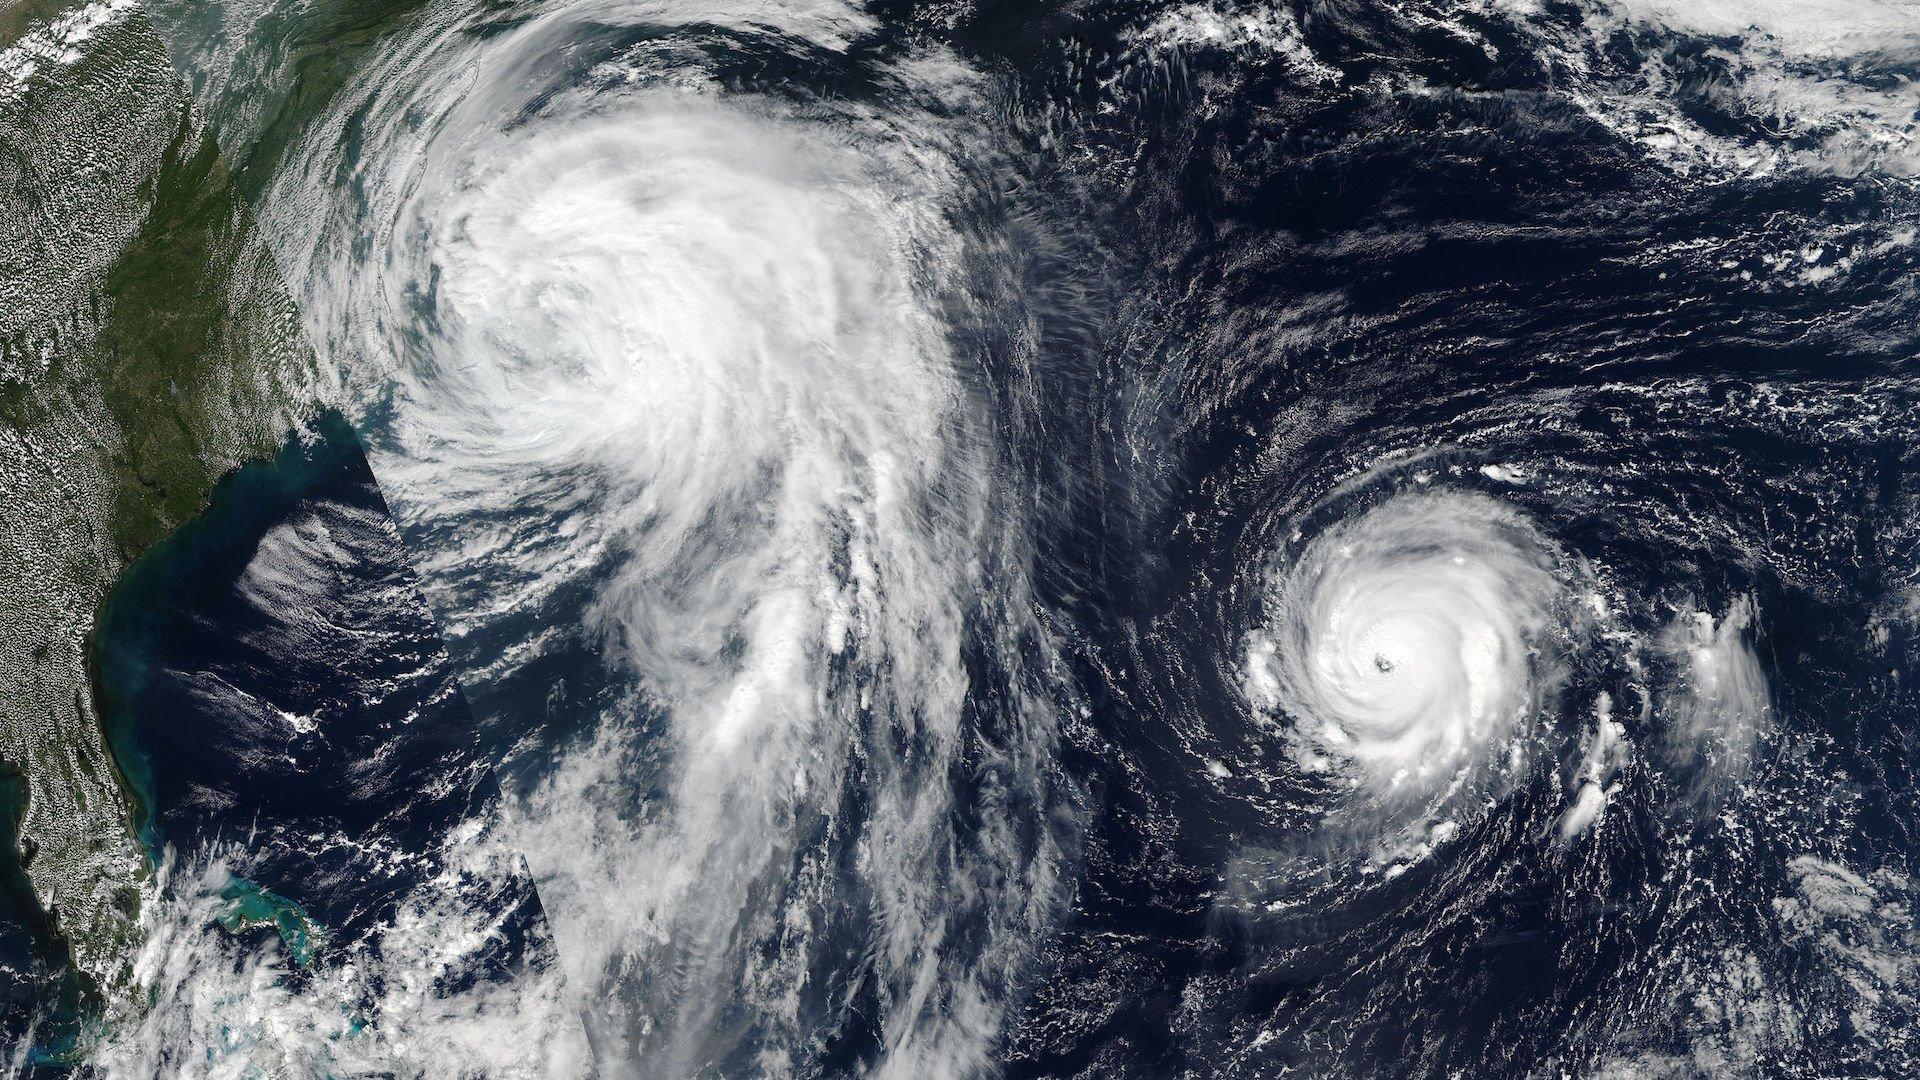 Los peores huracanes de la historia: los más potentes